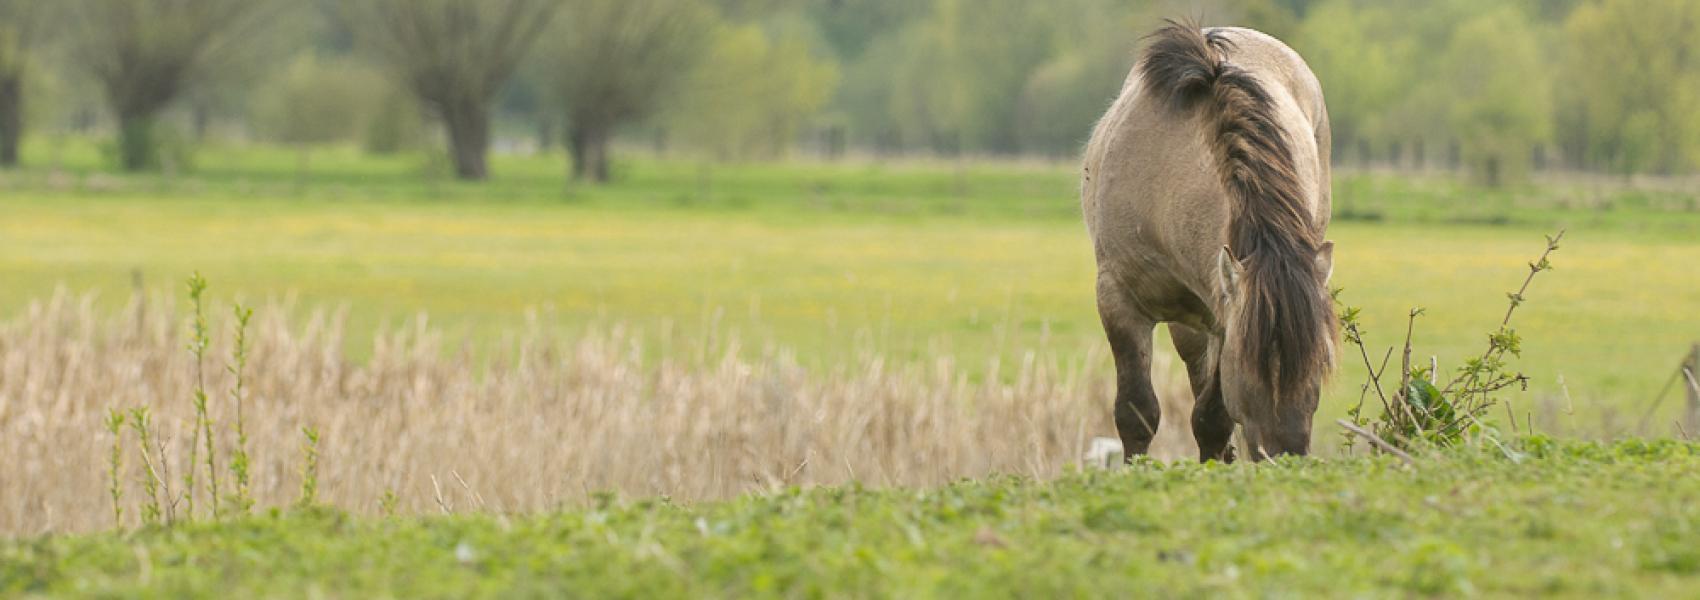 konikpaard in het landschap